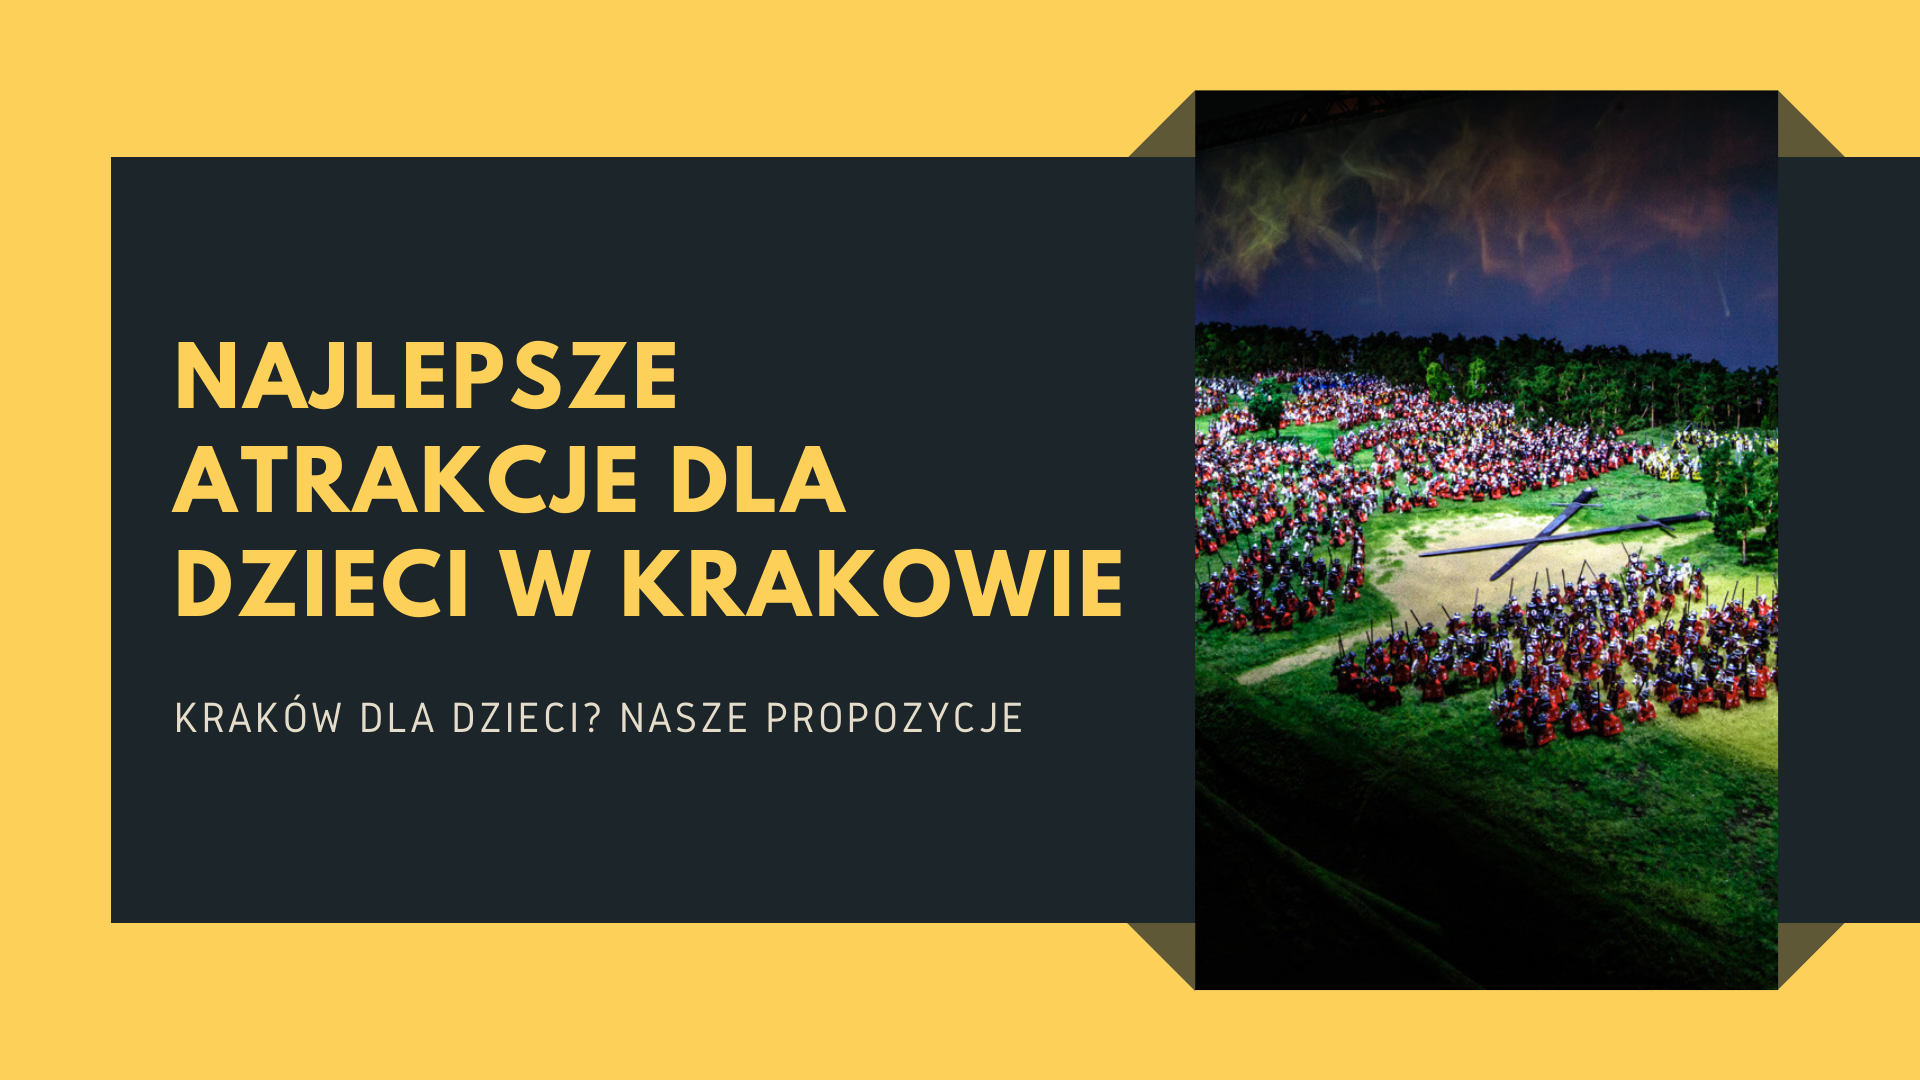 Kraków Atrakcje dla dzieci